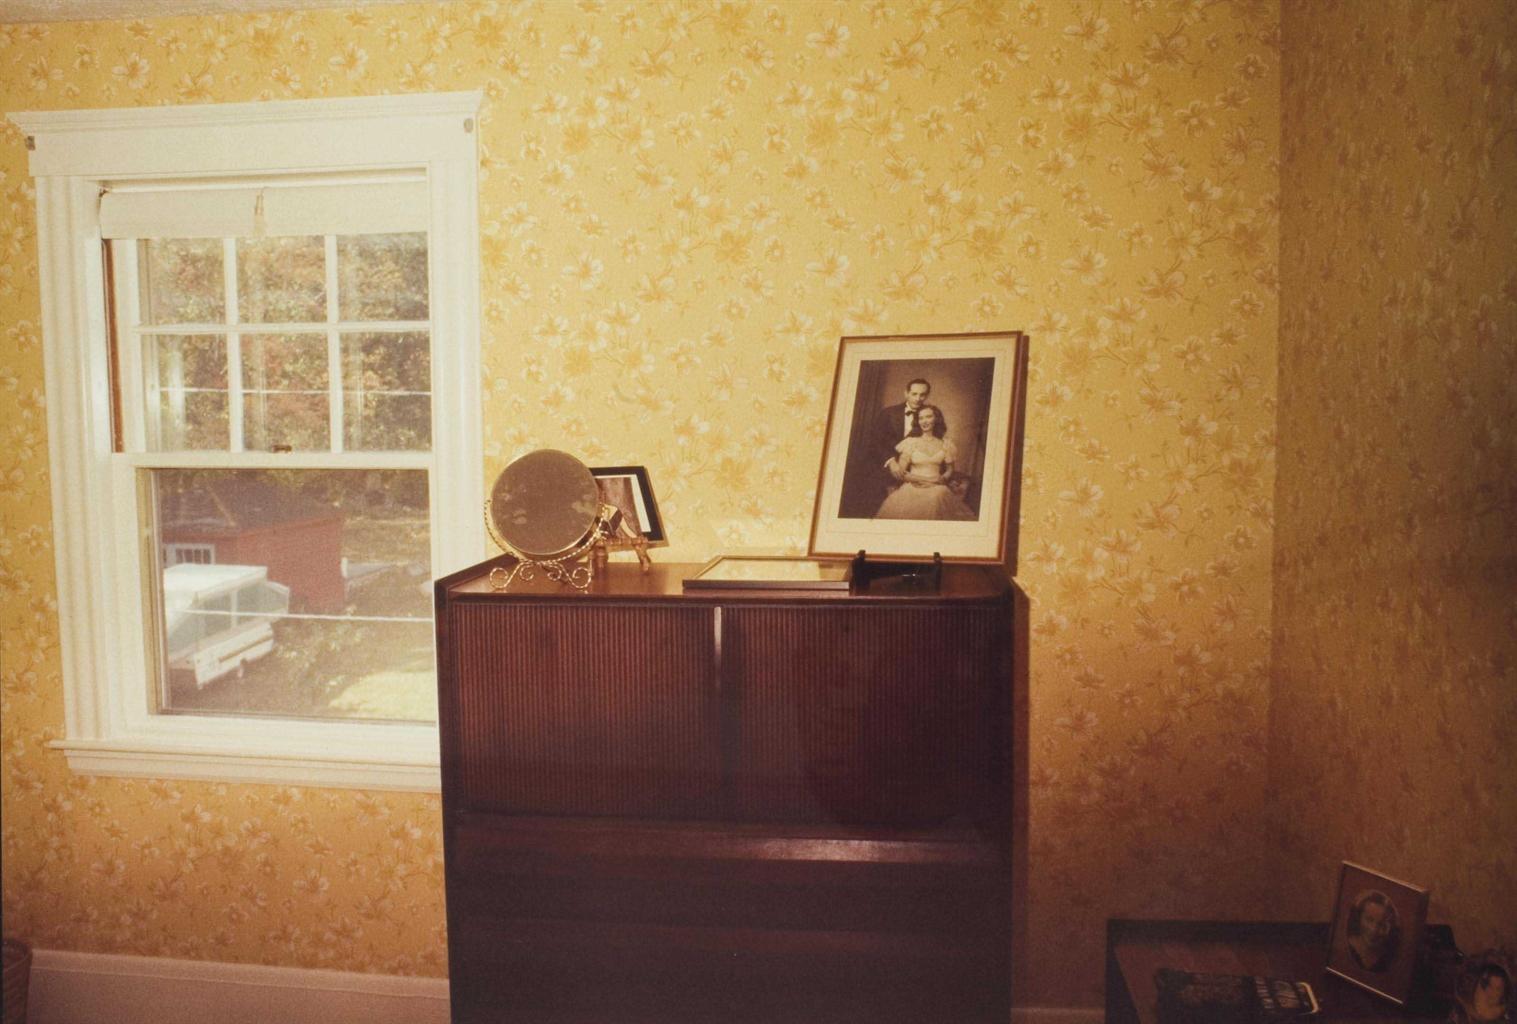 Nan Goldin-The Parents' Wedding Photo, Swampscott, Mass-1985